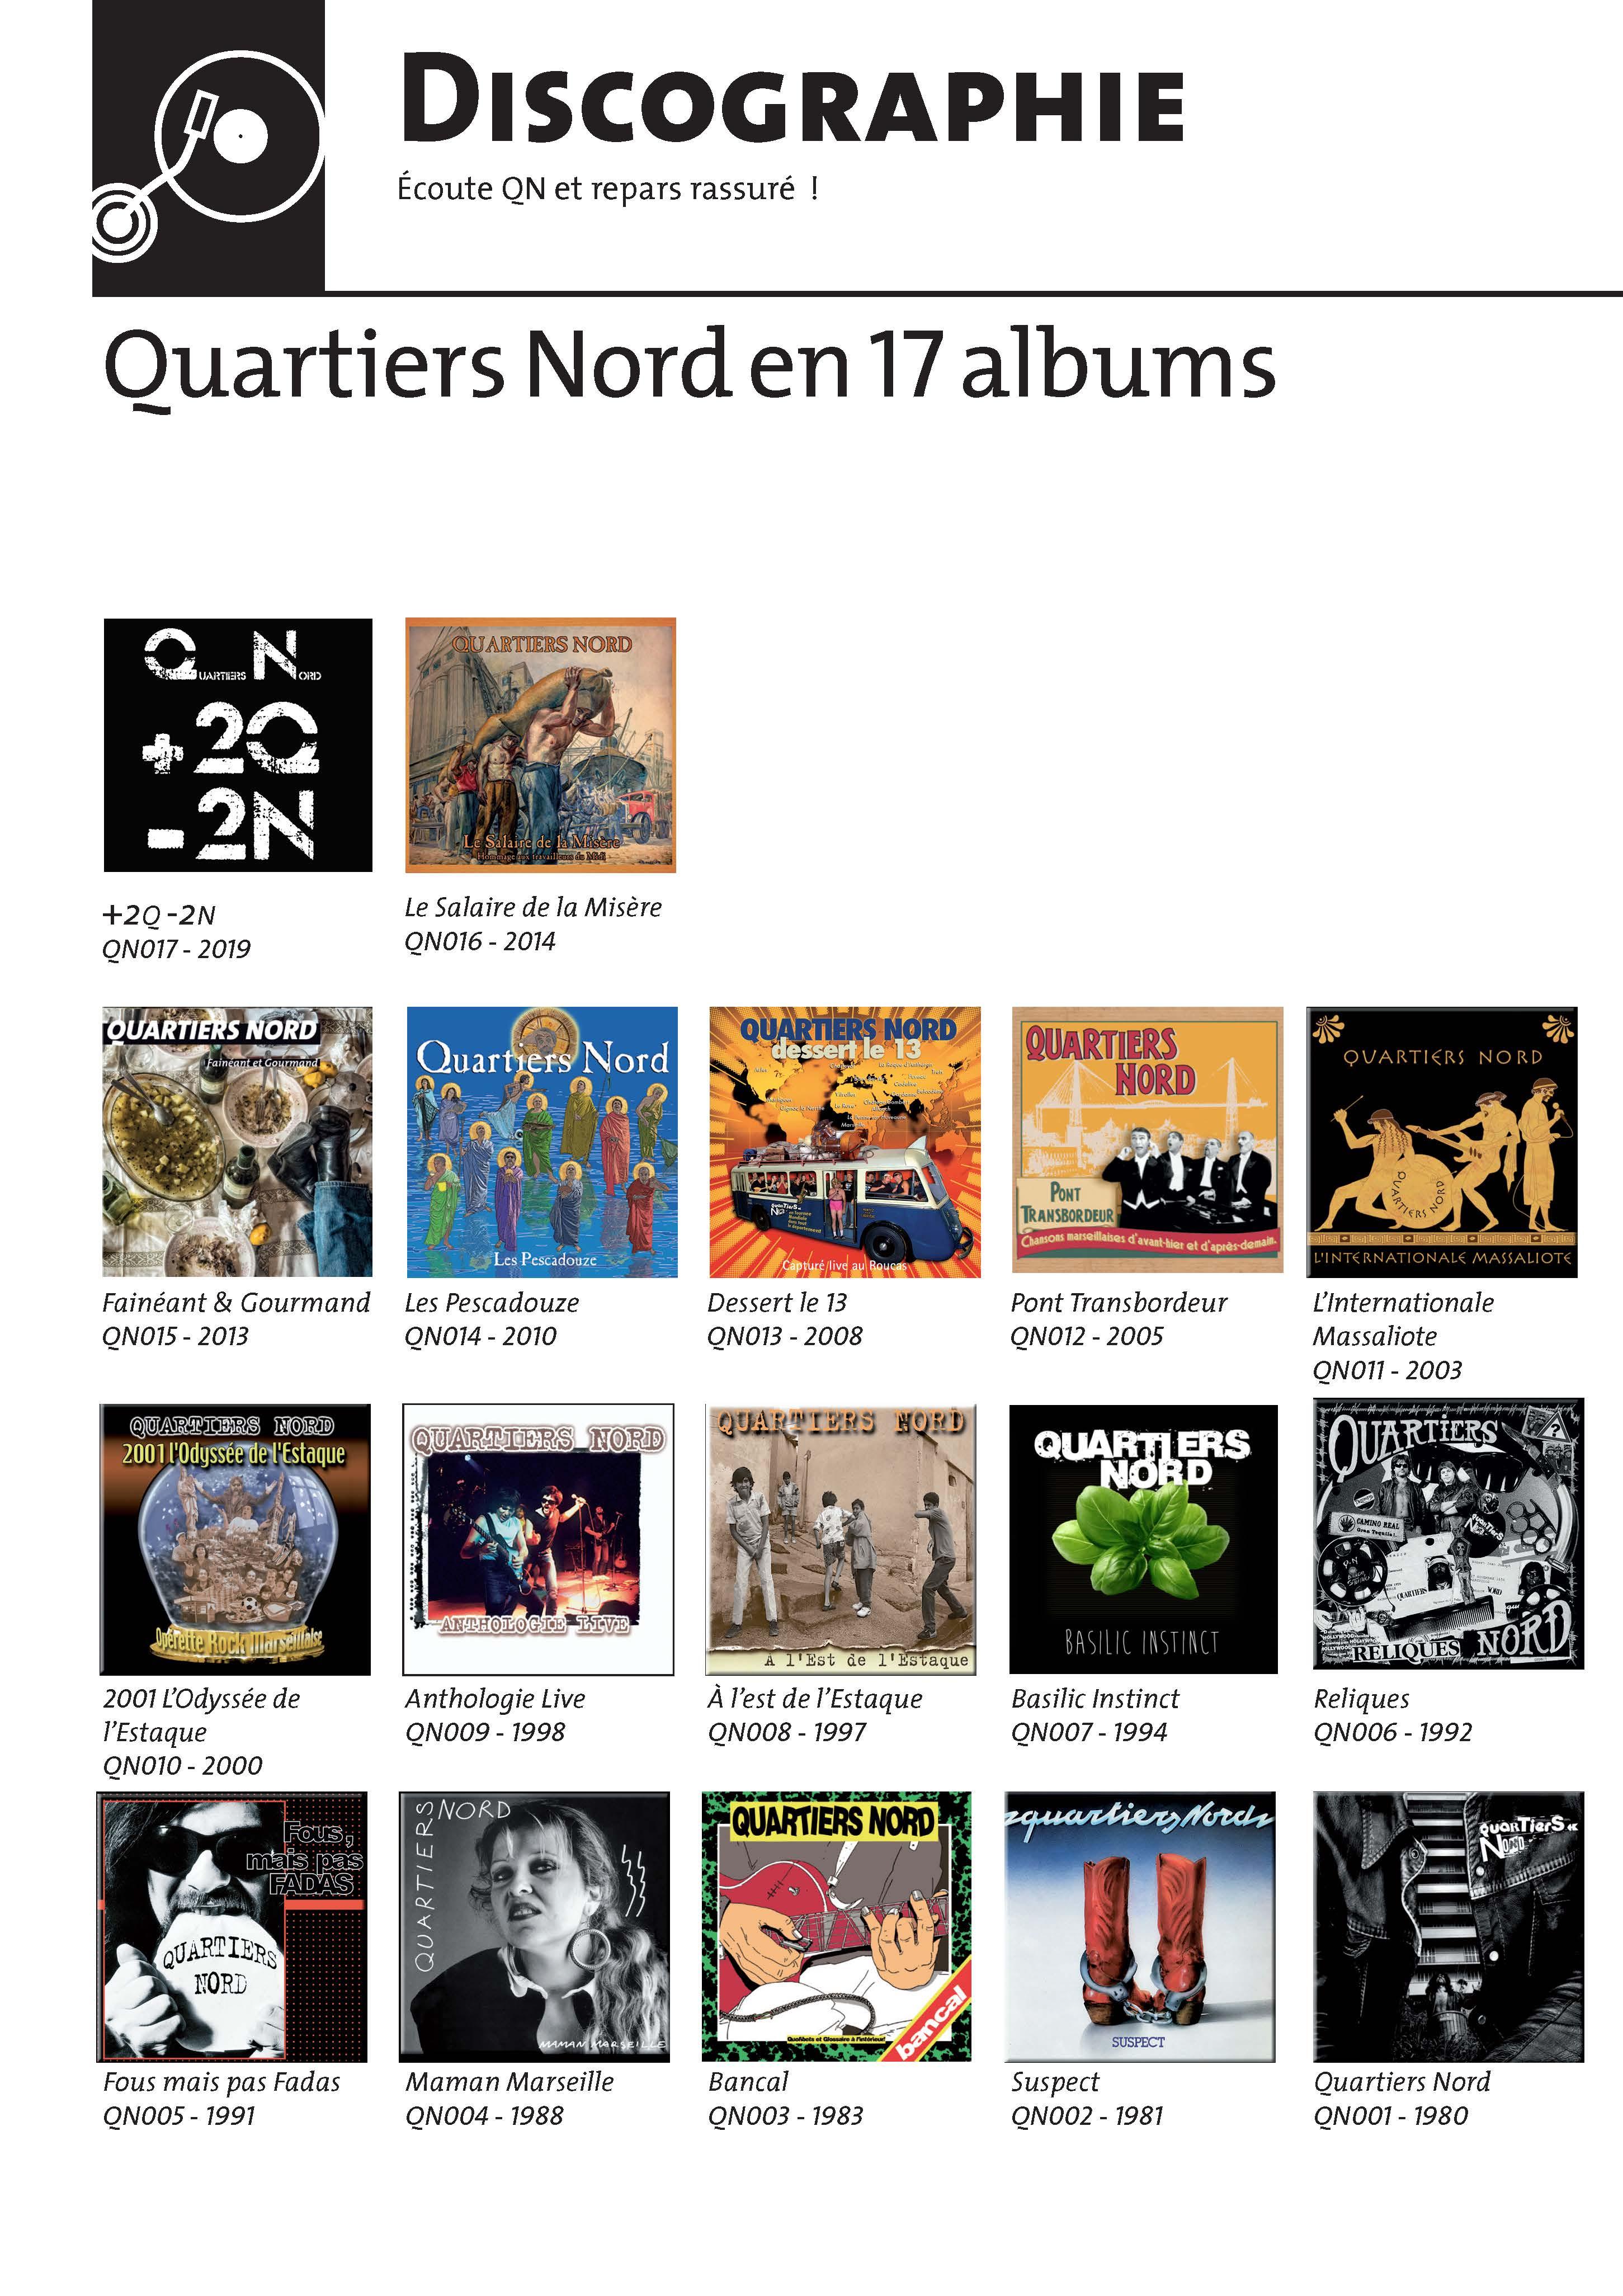 Quartiers Nord - Les albums